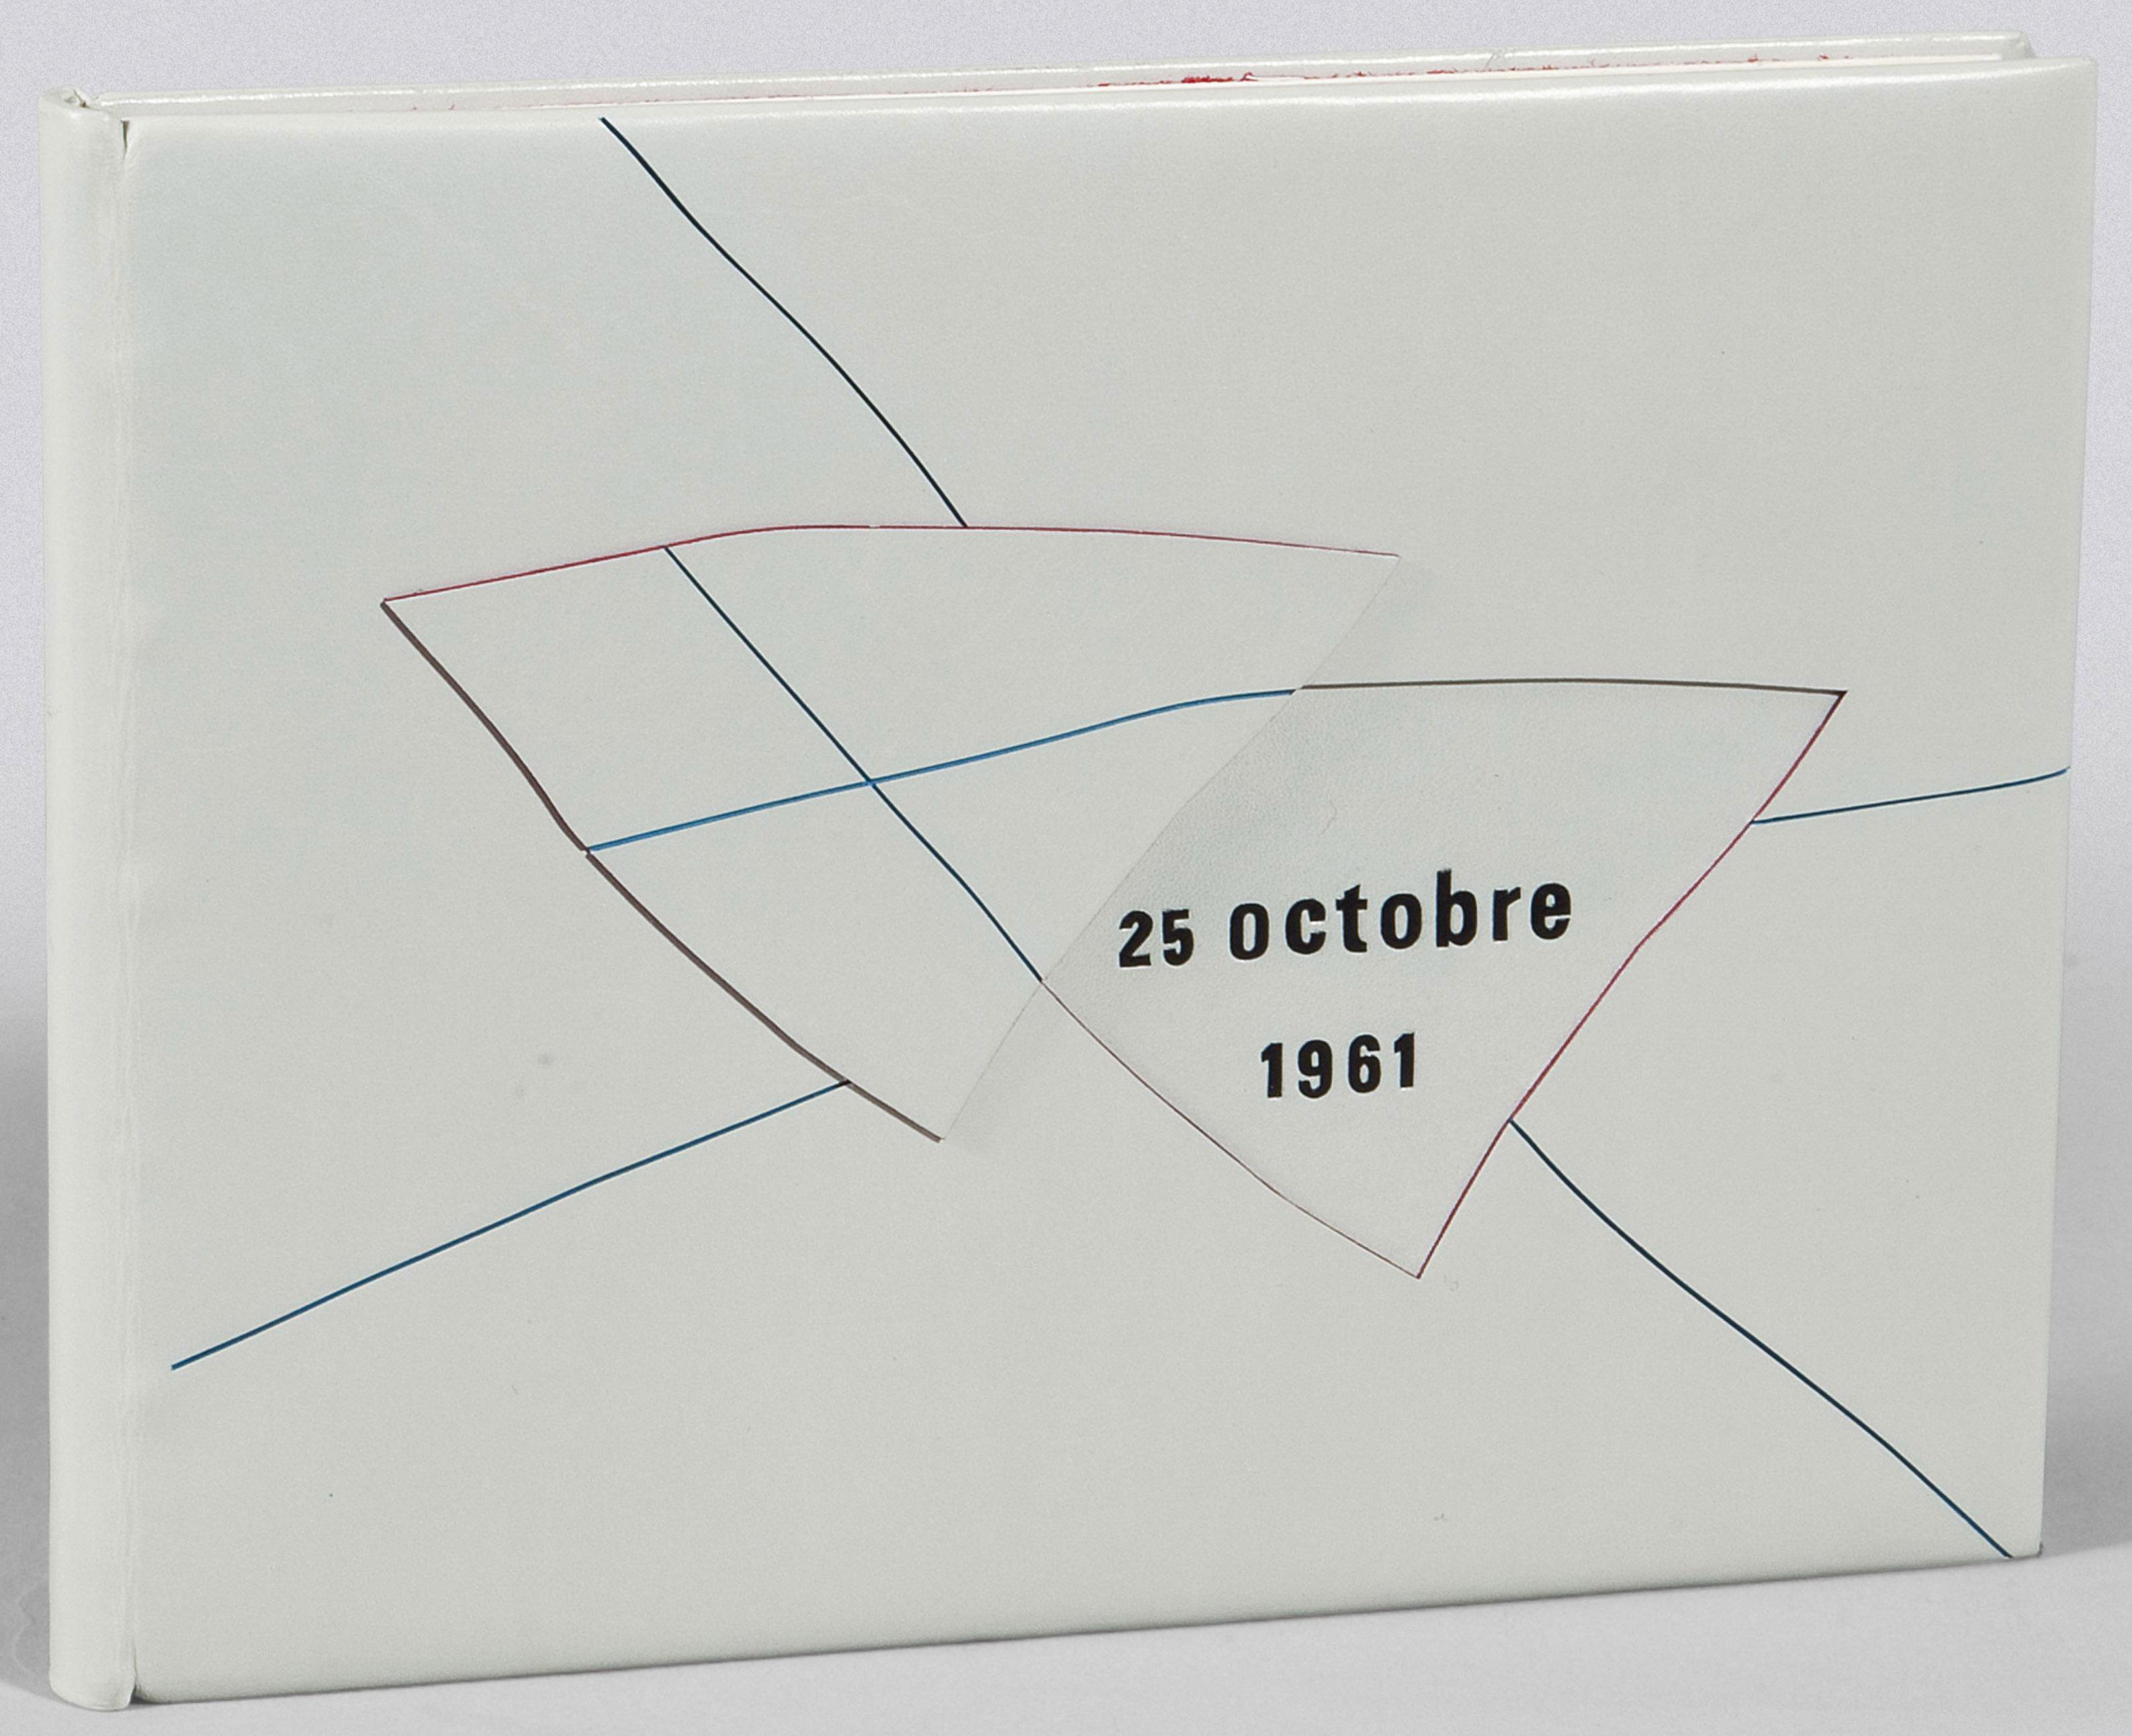 [PICASSO] -- CHAR, René (1907-1988). 25 octobre 1961. Alès: PAB, 1961.